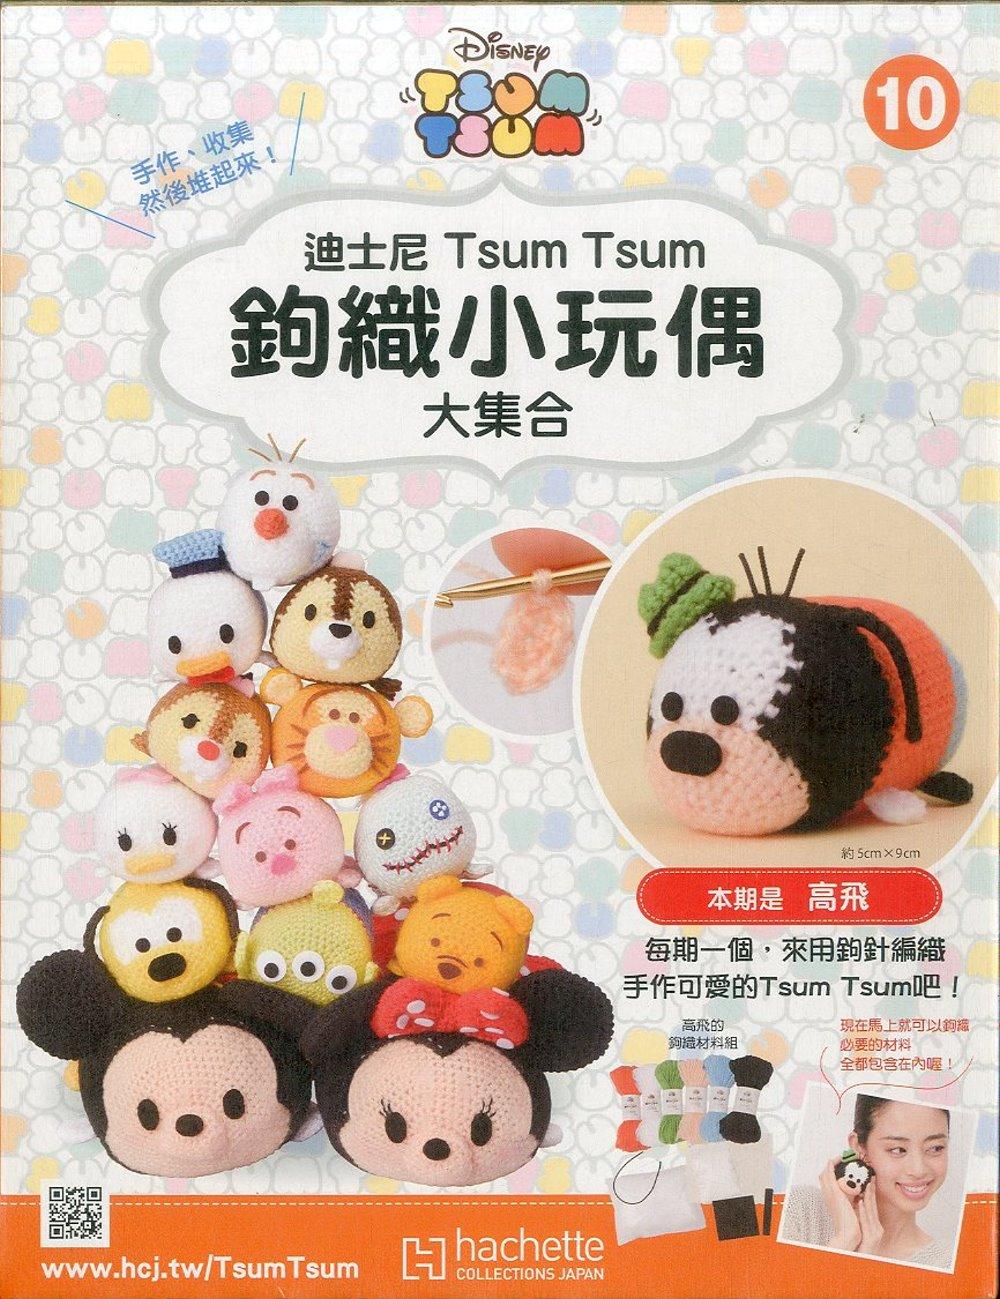 迪士尼TsumTsum 鉤織小玩偶 大集合 2018/1/17第10期